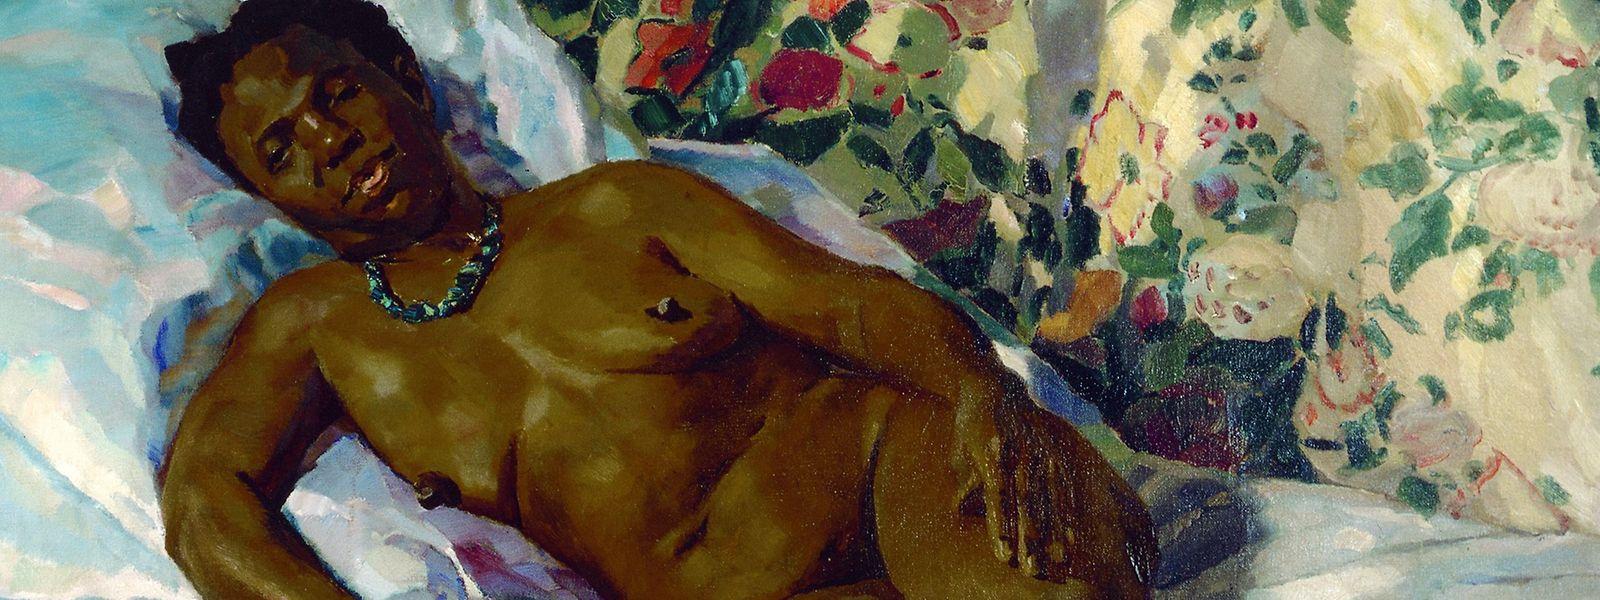 """Das kommende Ausstellungsjahr verspricht viele interessante Schauen. So wird """"Die Liegende (Miss Robinson)"""" von Albert Weisgerber in der Schau """"Plakeg!"""" in der Villa Vauban zu sehen sein."""